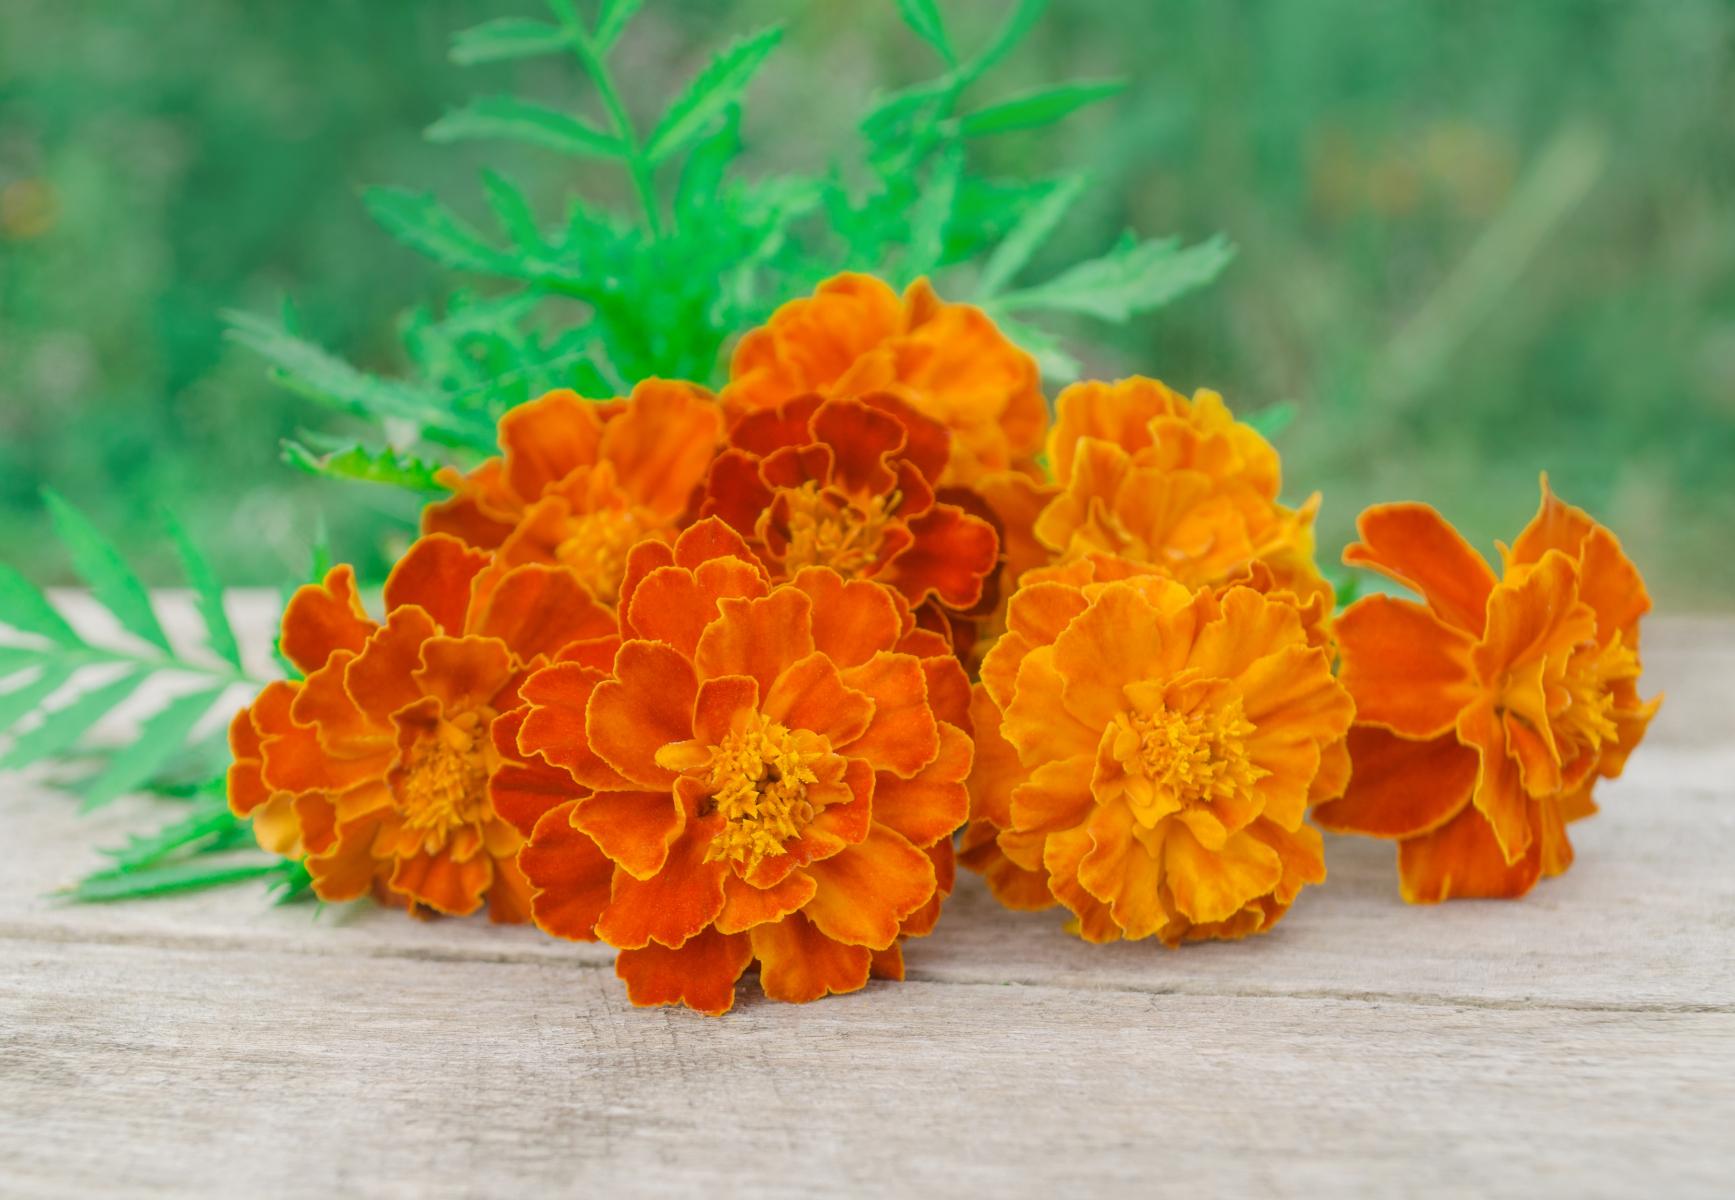 Oransje blomster med mage kronblader